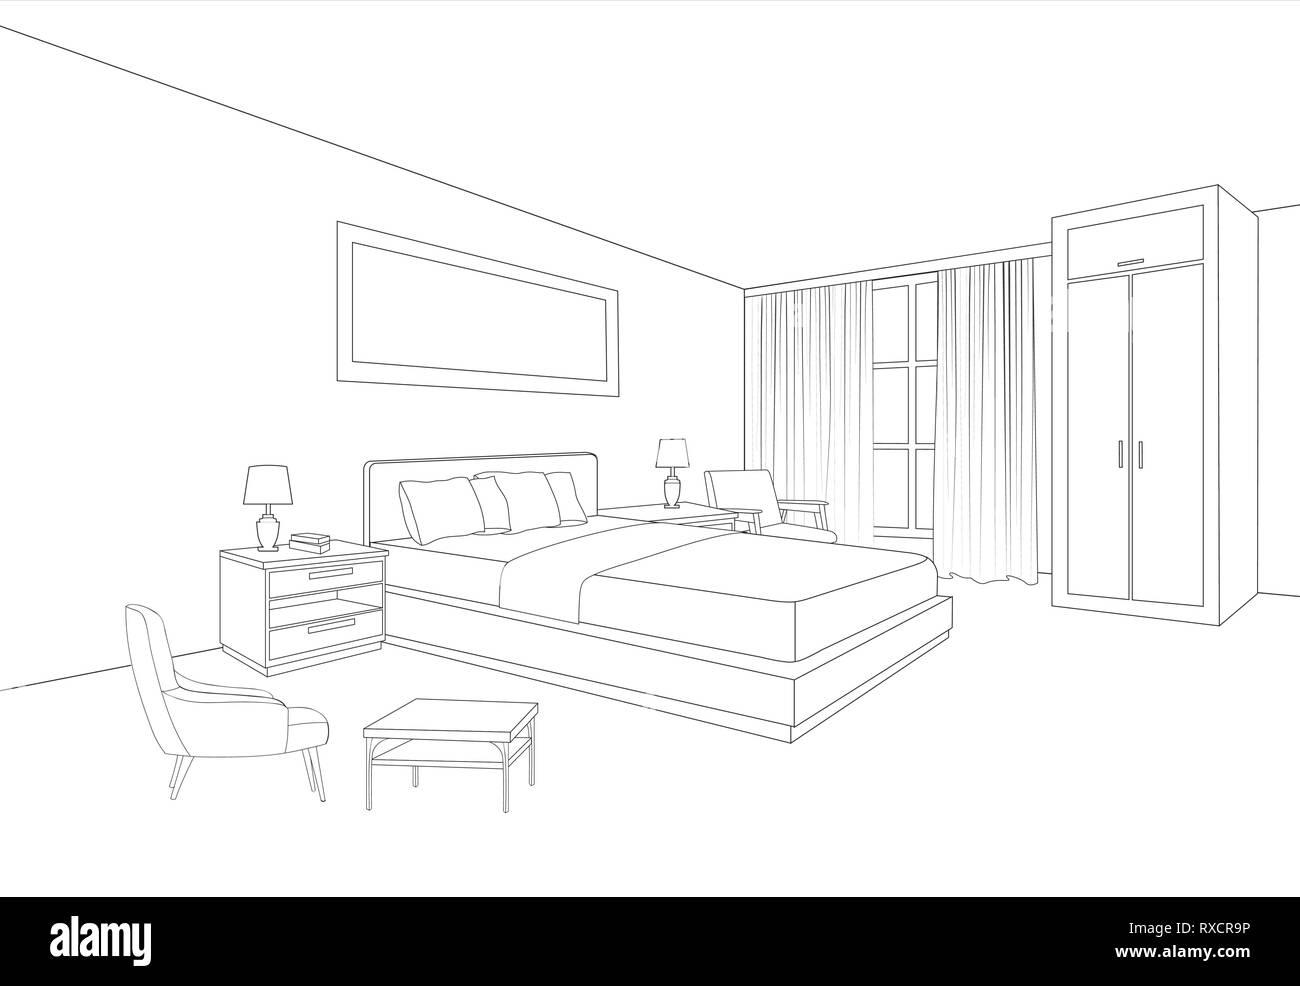 Muebles De Dormitorio Interior Sala De Dibujo De Línea